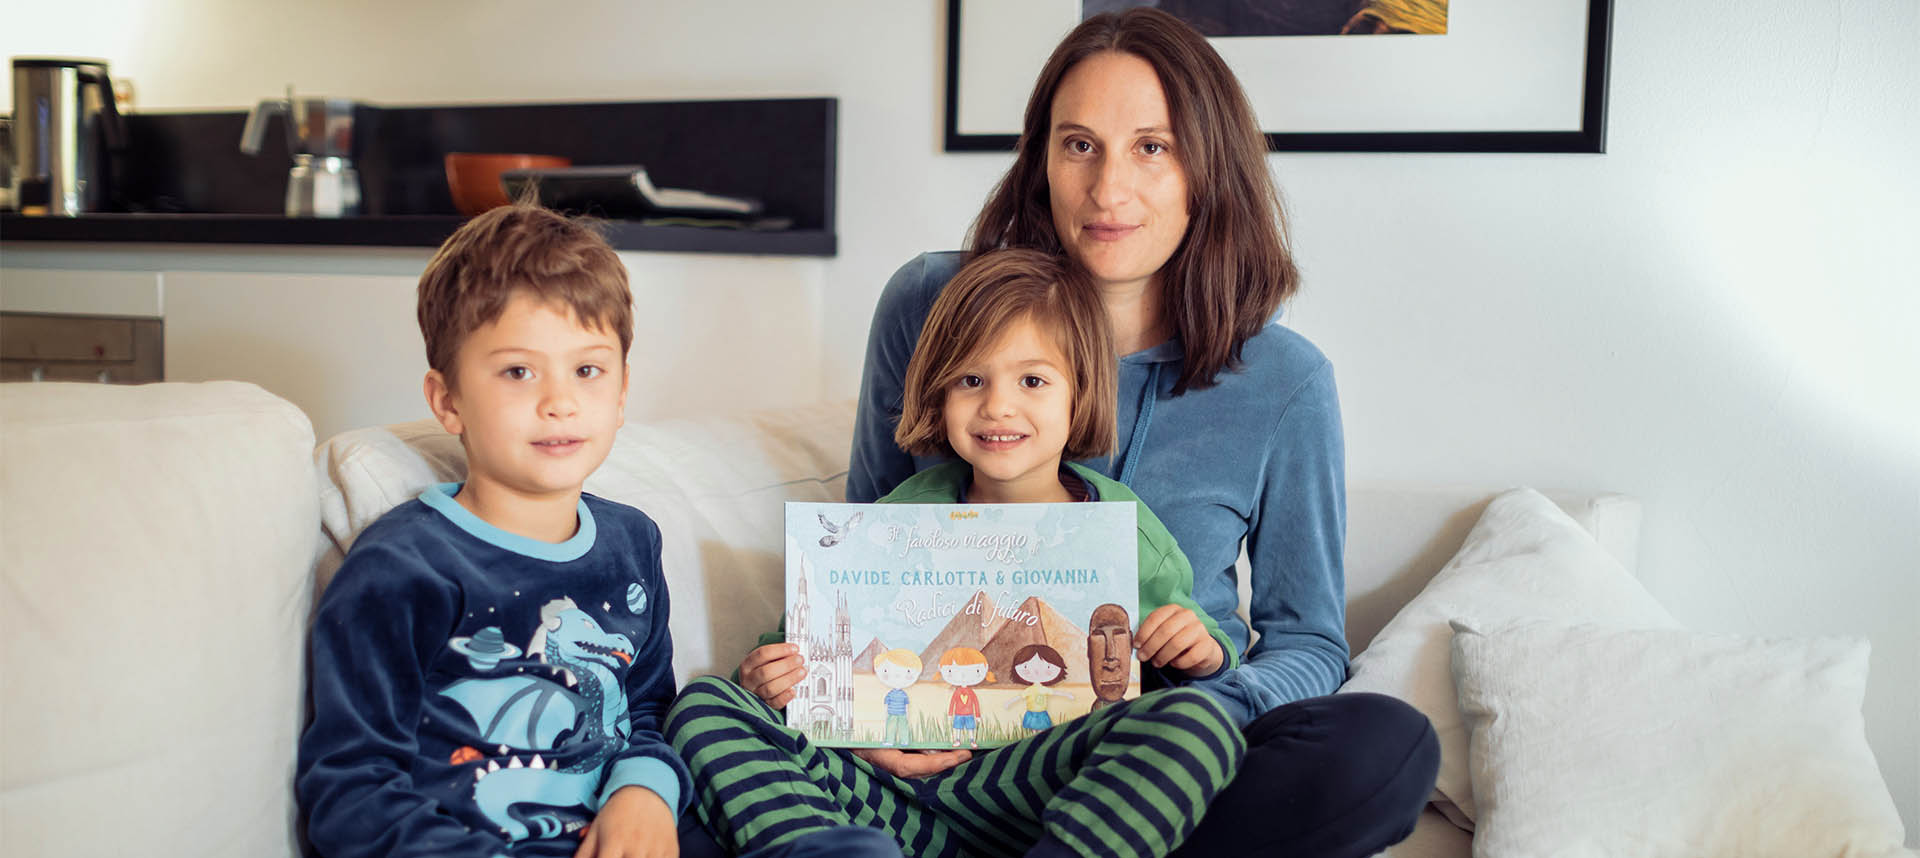 Faboola, crea il tuo libro assieme ai tuoi bambini